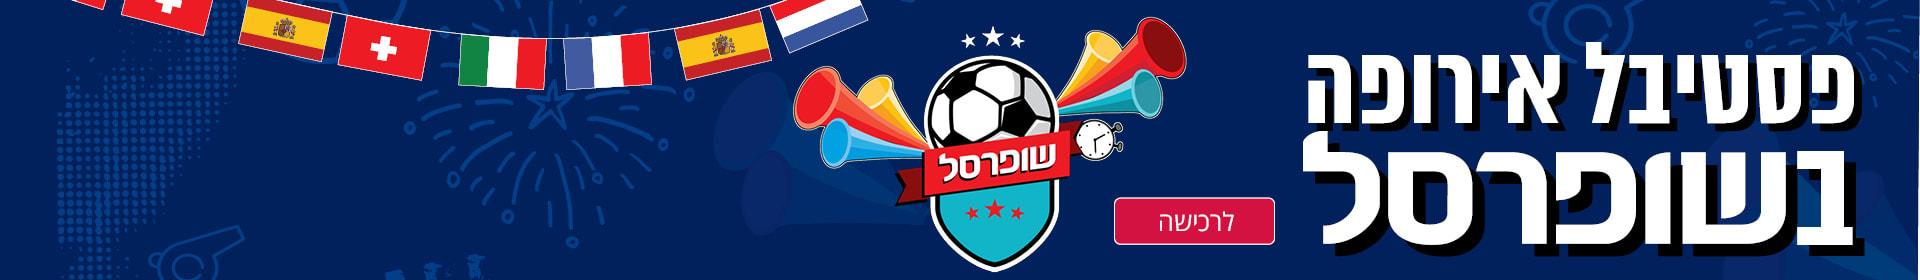 פסטיבל אירופה בישראל